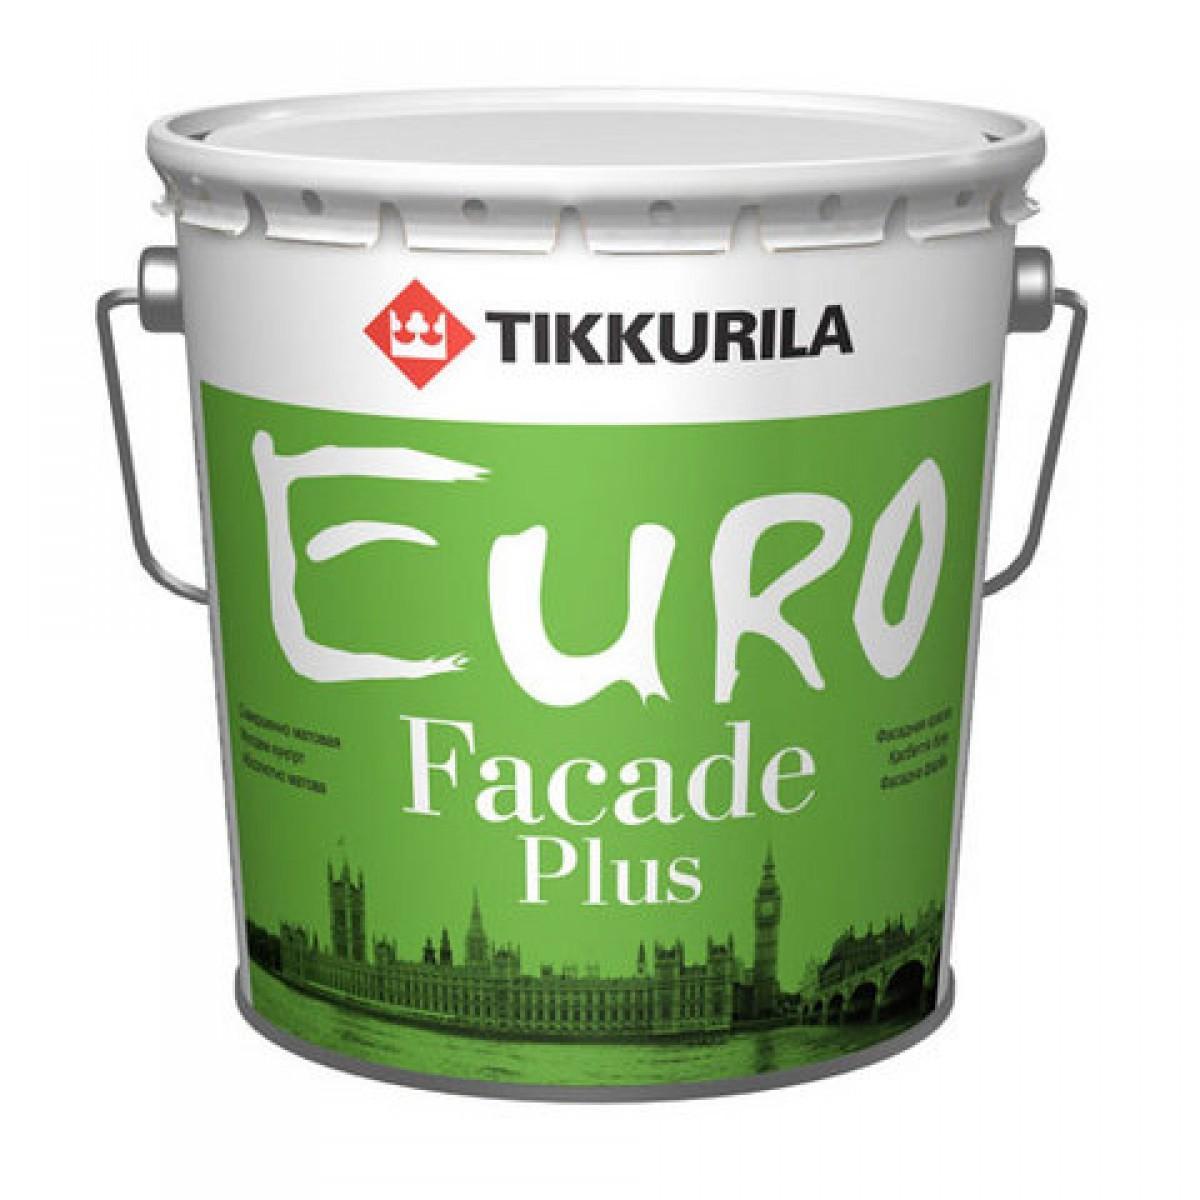 Euro Faсade Plus – акриловая фасадная краска с силиконом